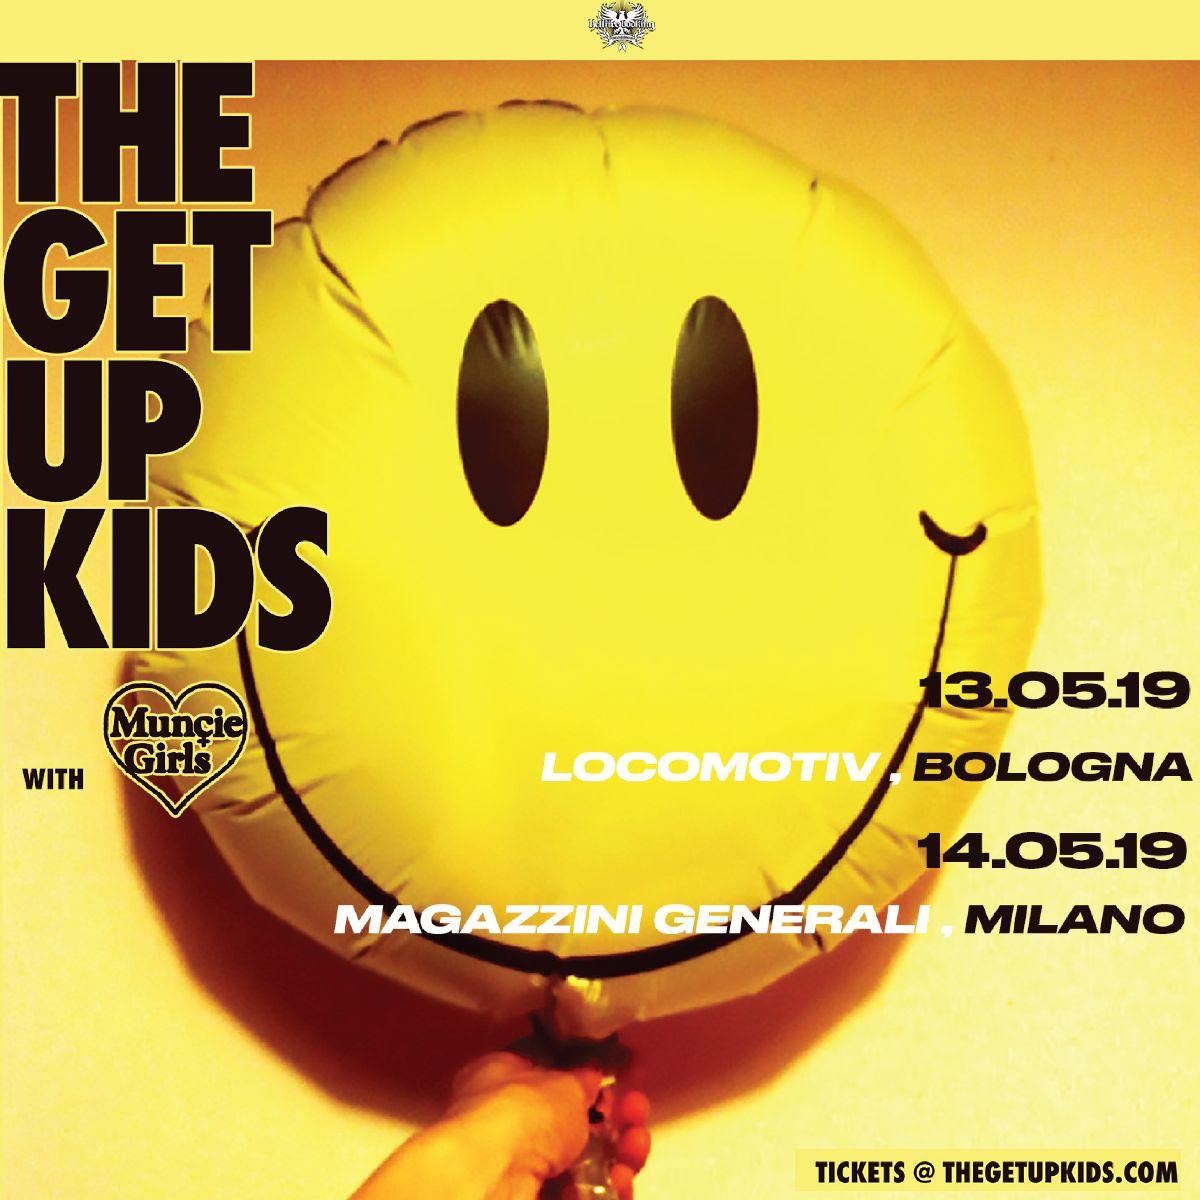 the get up kids maggio 2019 bologna milano